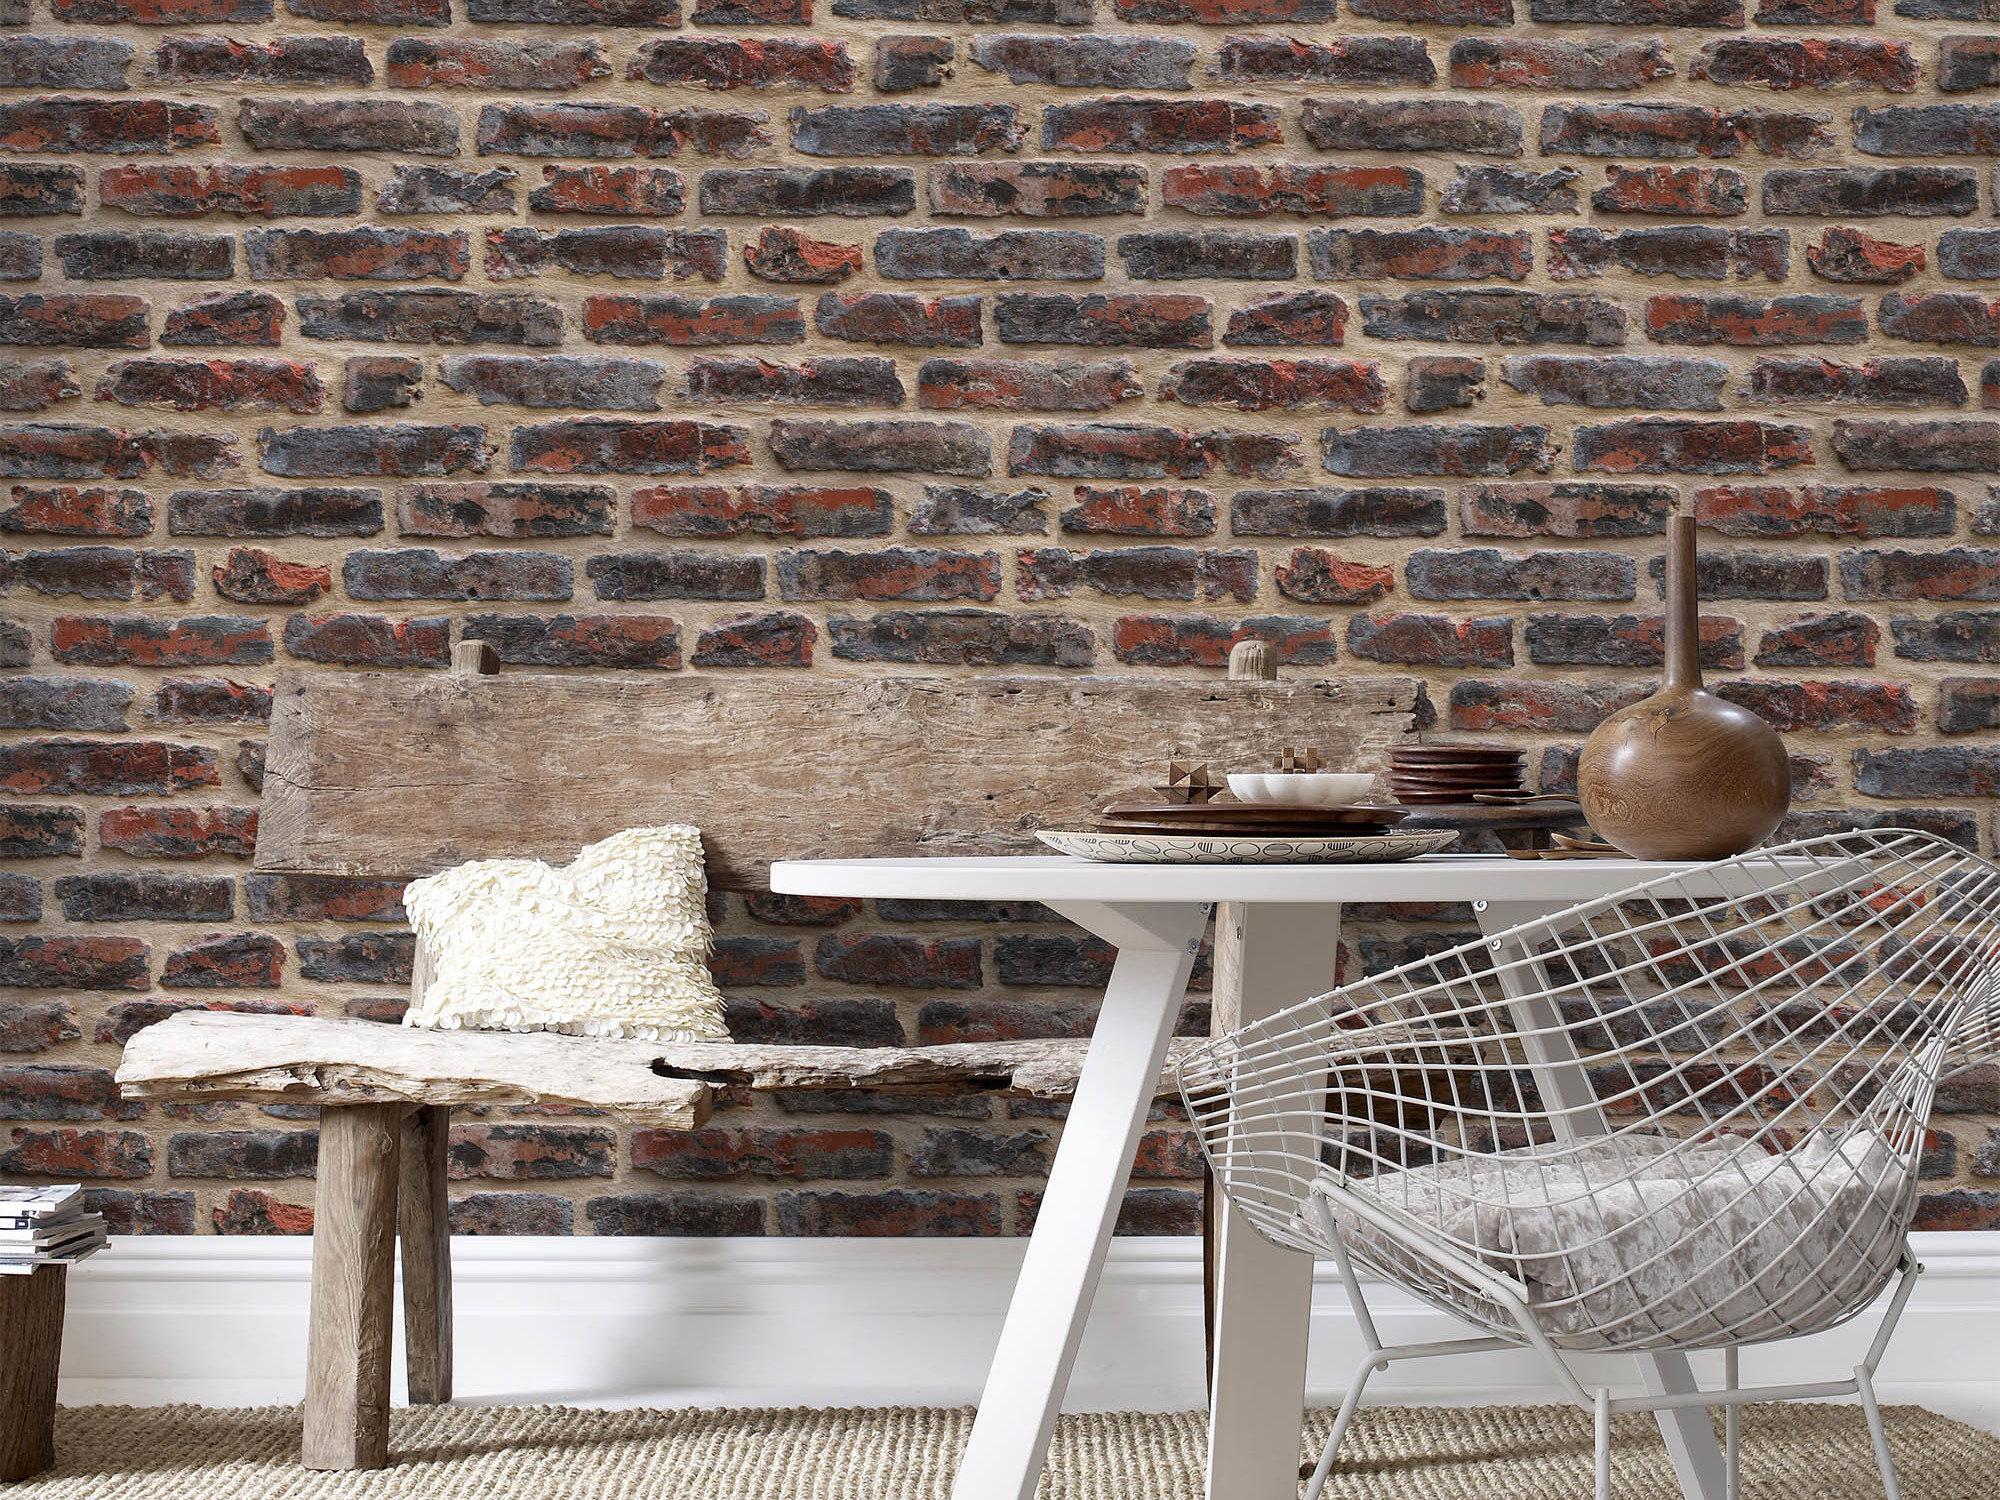 Faire Un Mur De Brique Intérieur 5 idées originales pour décorer son mur de briques - design